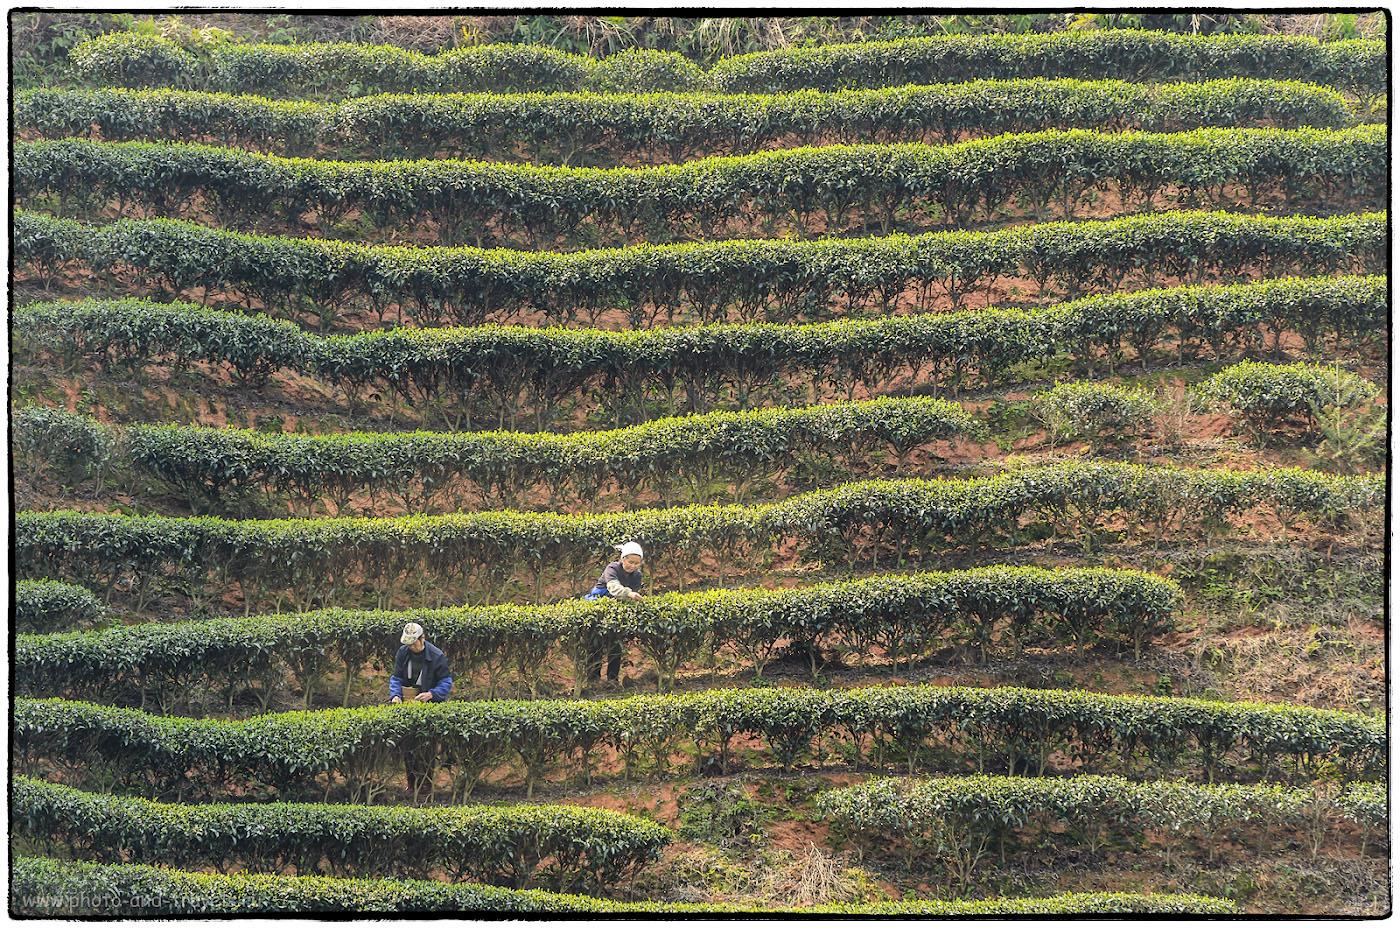 10. Китайские чайные плантации, в отличие от аналогов на Шри-Ланке, не такие изумрудно-зеленые. Снято на Nikon D5100 и телевик Nikon 70-300 при ФР=170 мм. Расстояние до объекта съемки - примерно, 100 метров. Отчет о поездке в Китай.